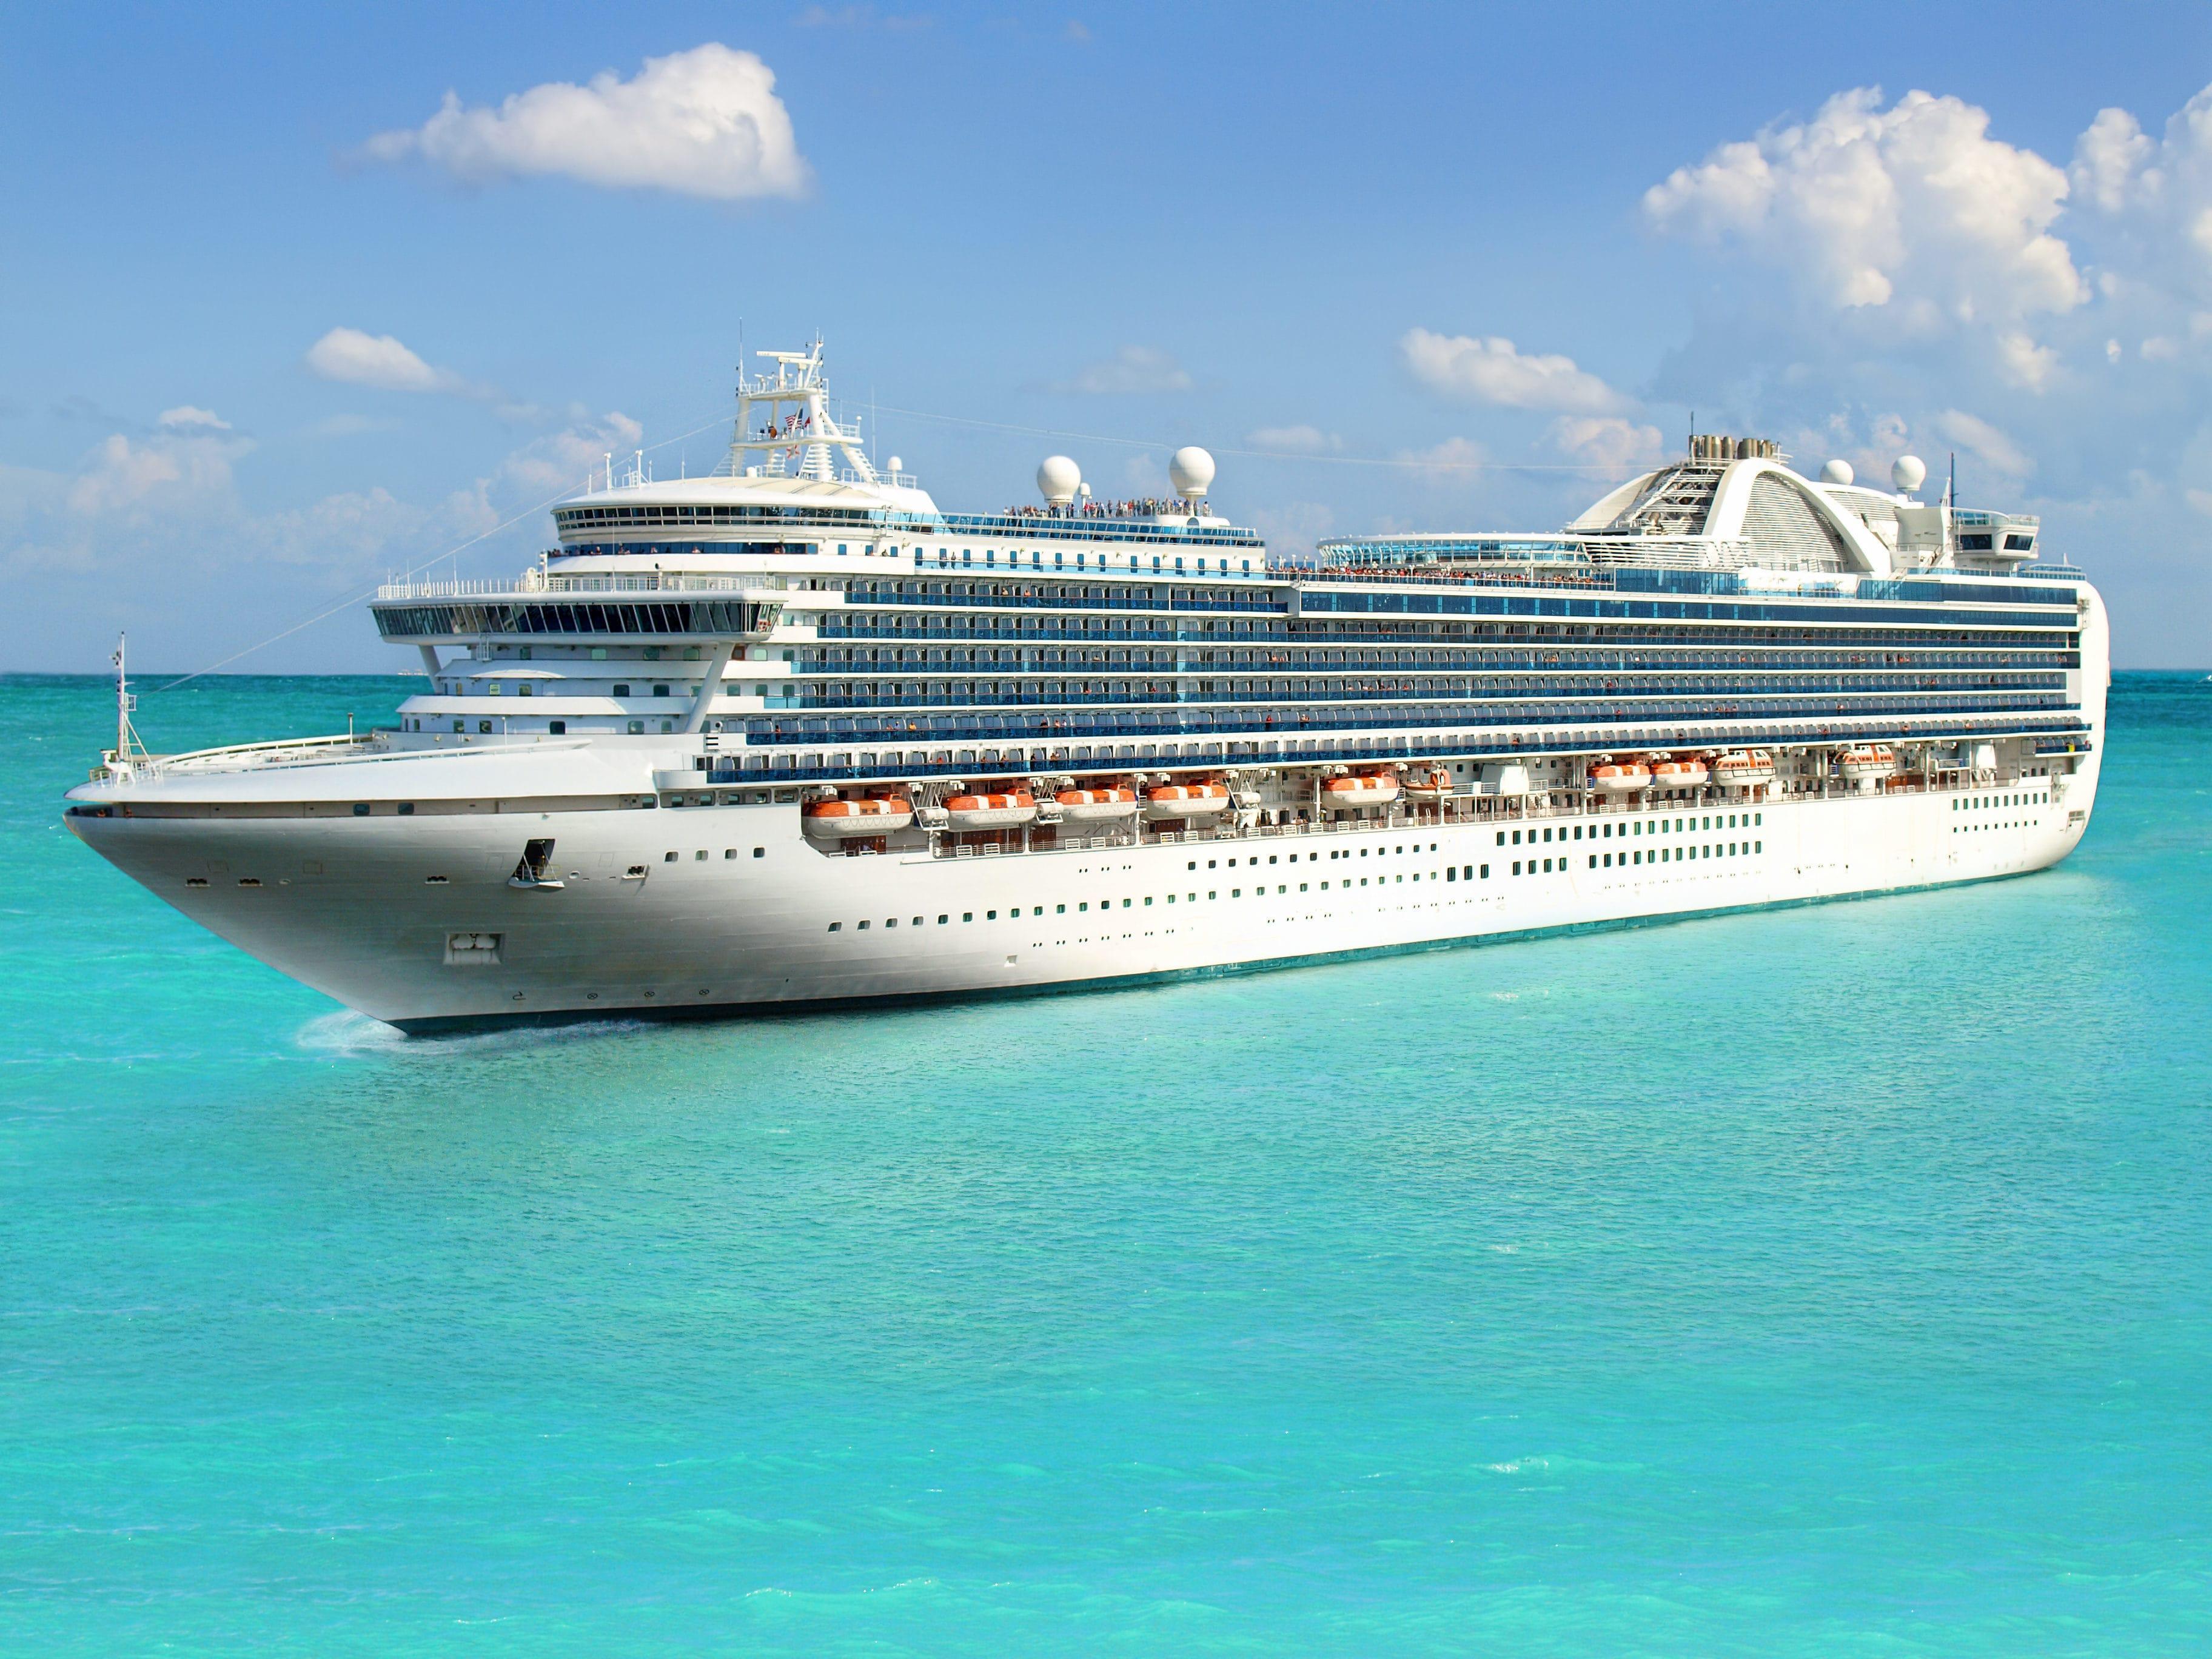 Cruise-min